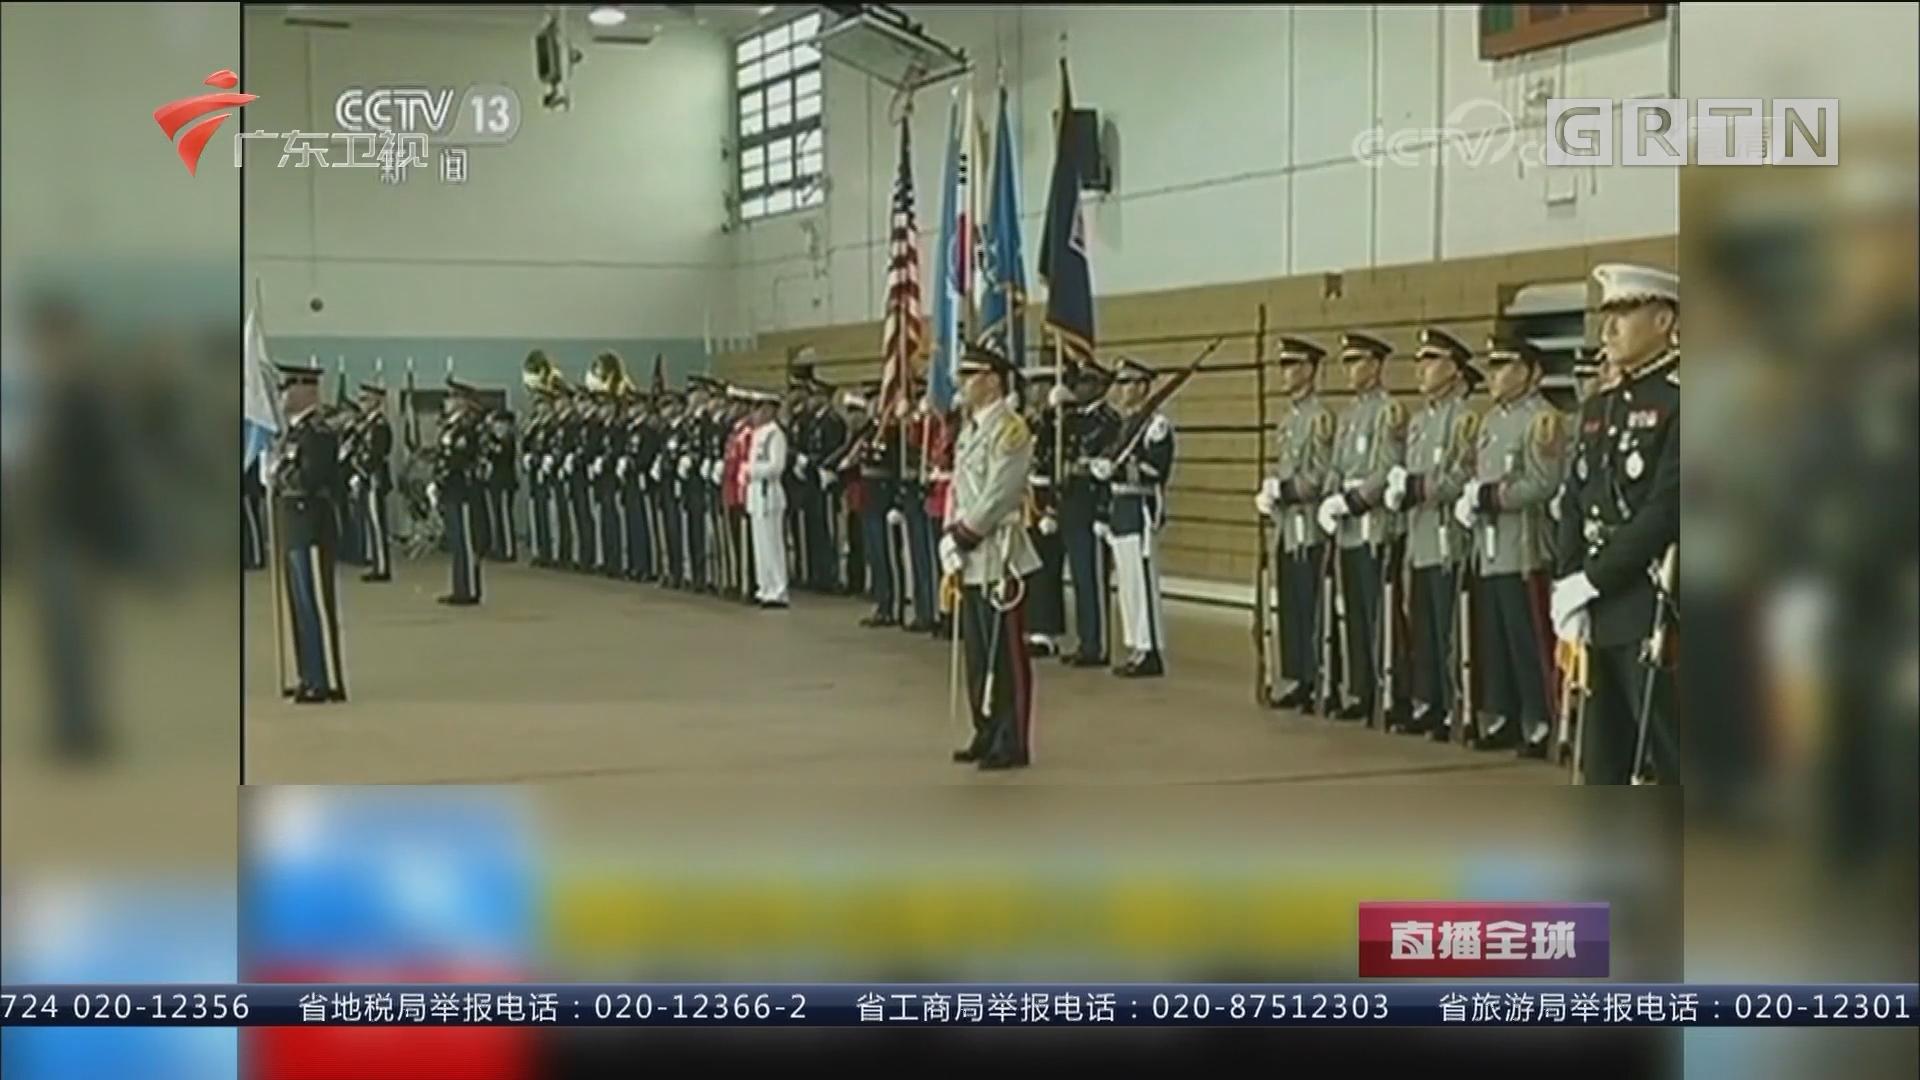 驻韩美军让韩国身不由己? 驻韩美军是朝鲜战争遗物